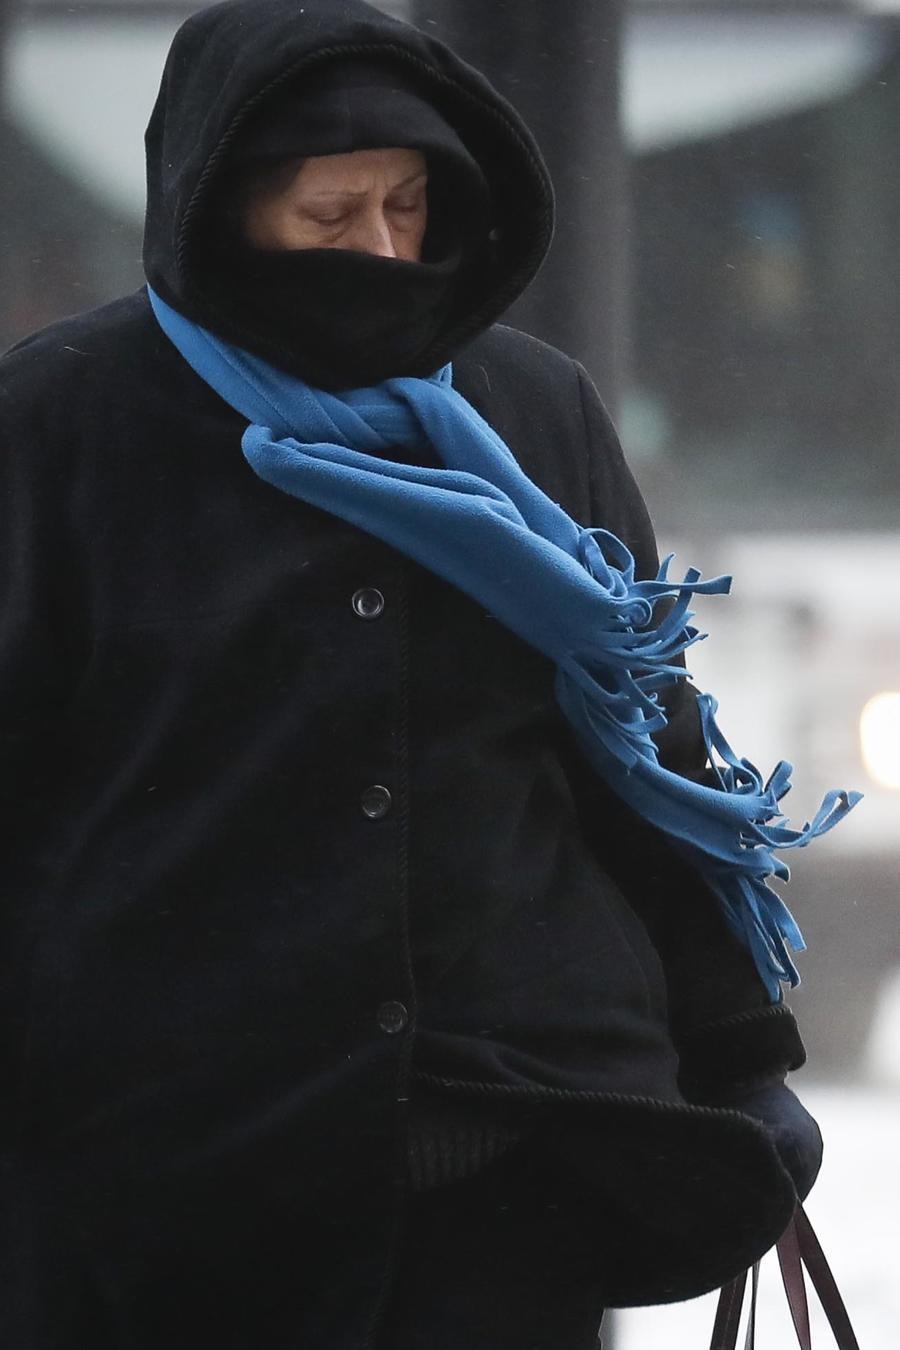 Una mujer camina bajo temperaturas gélidas en Cincinnati el 30 de enero de 2019